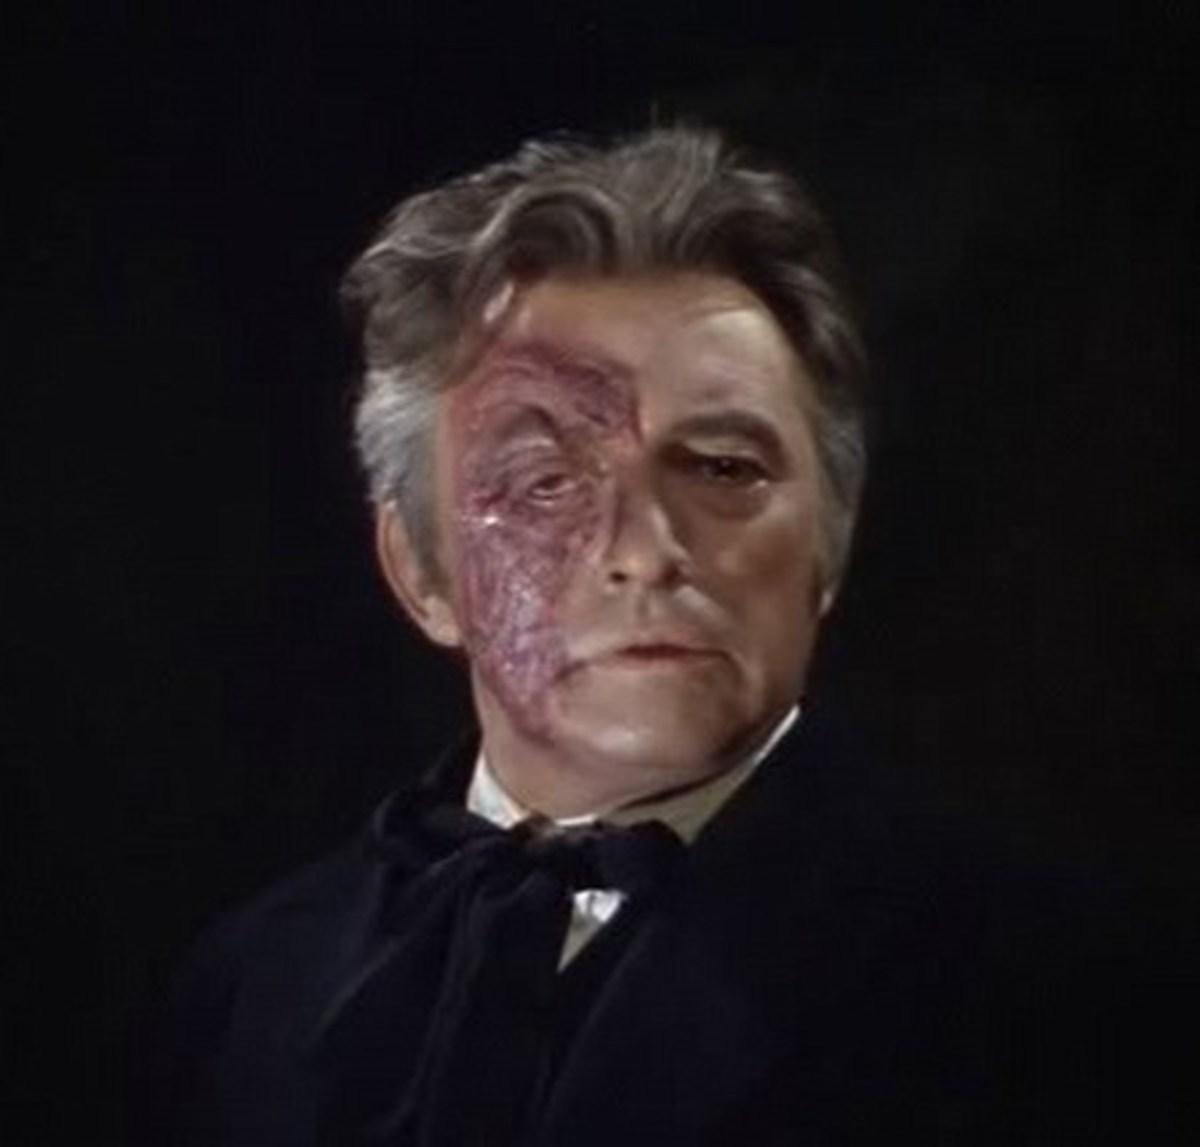 Claude Rains as The Phantom of the Opera (1943)